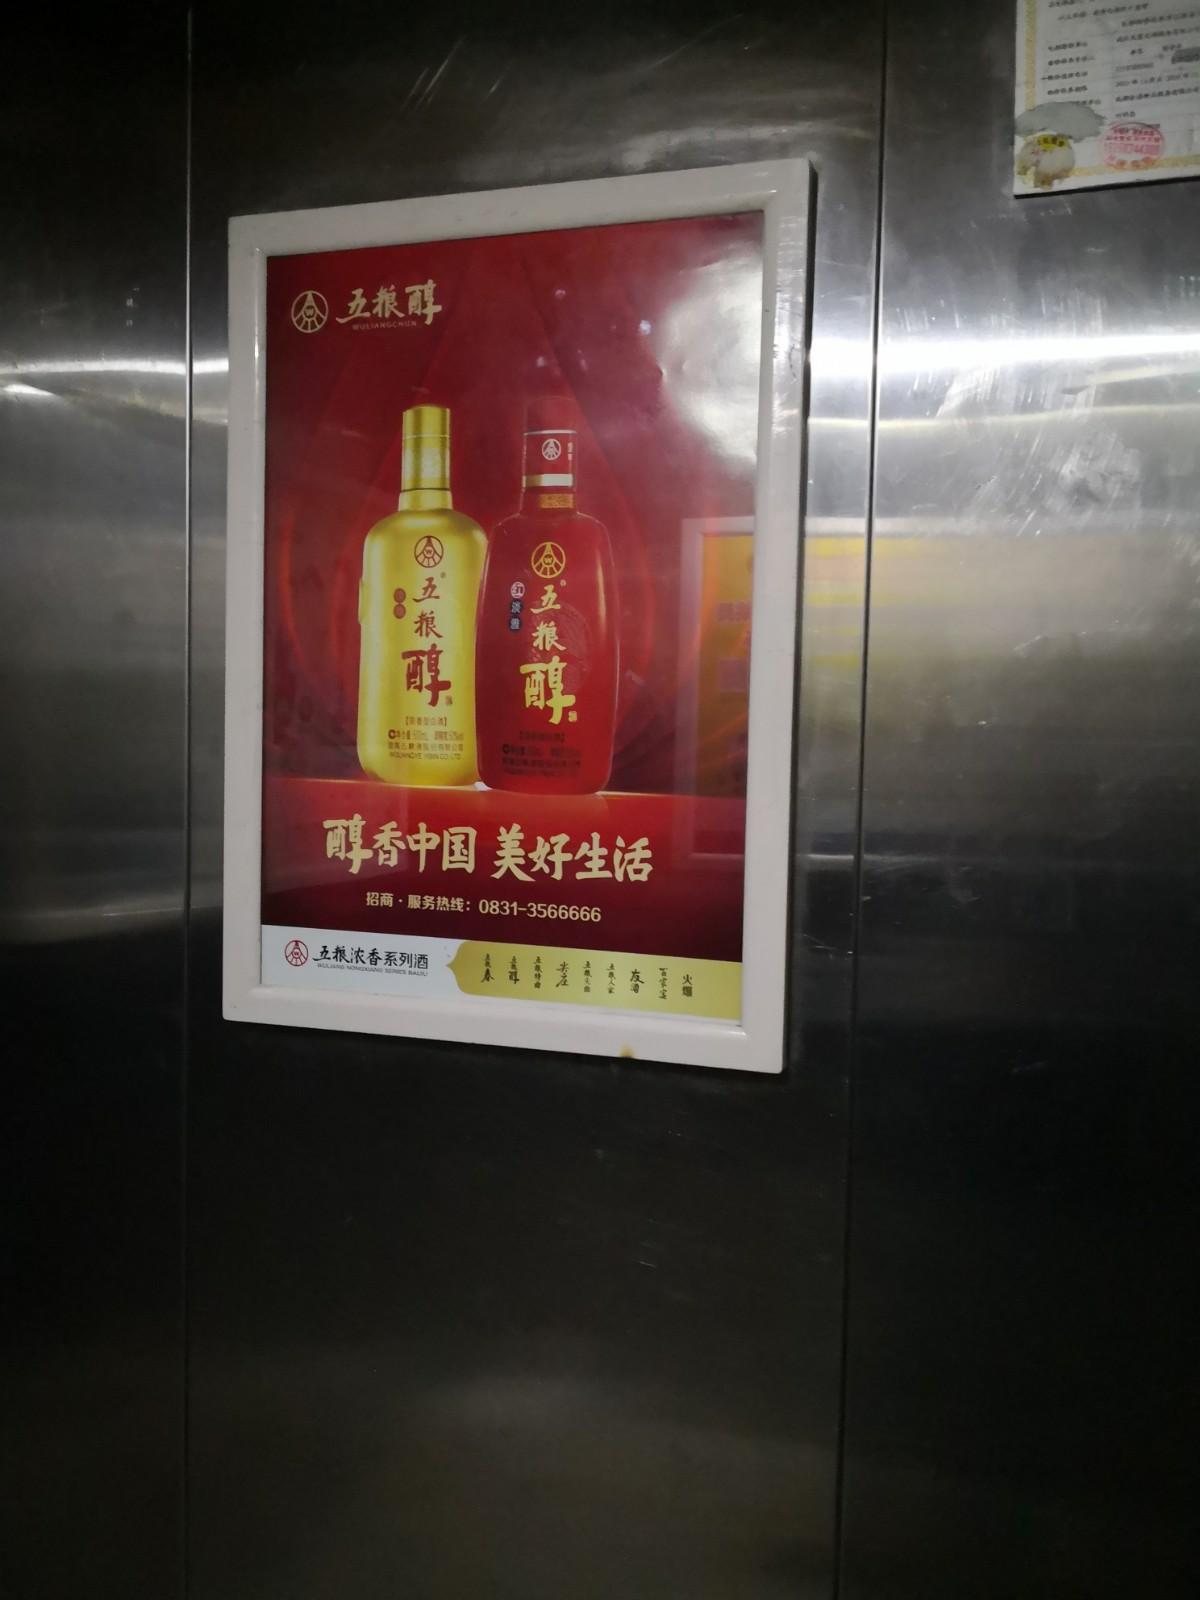 成都市电梯广告位城区住宅小区电梯框架广告位